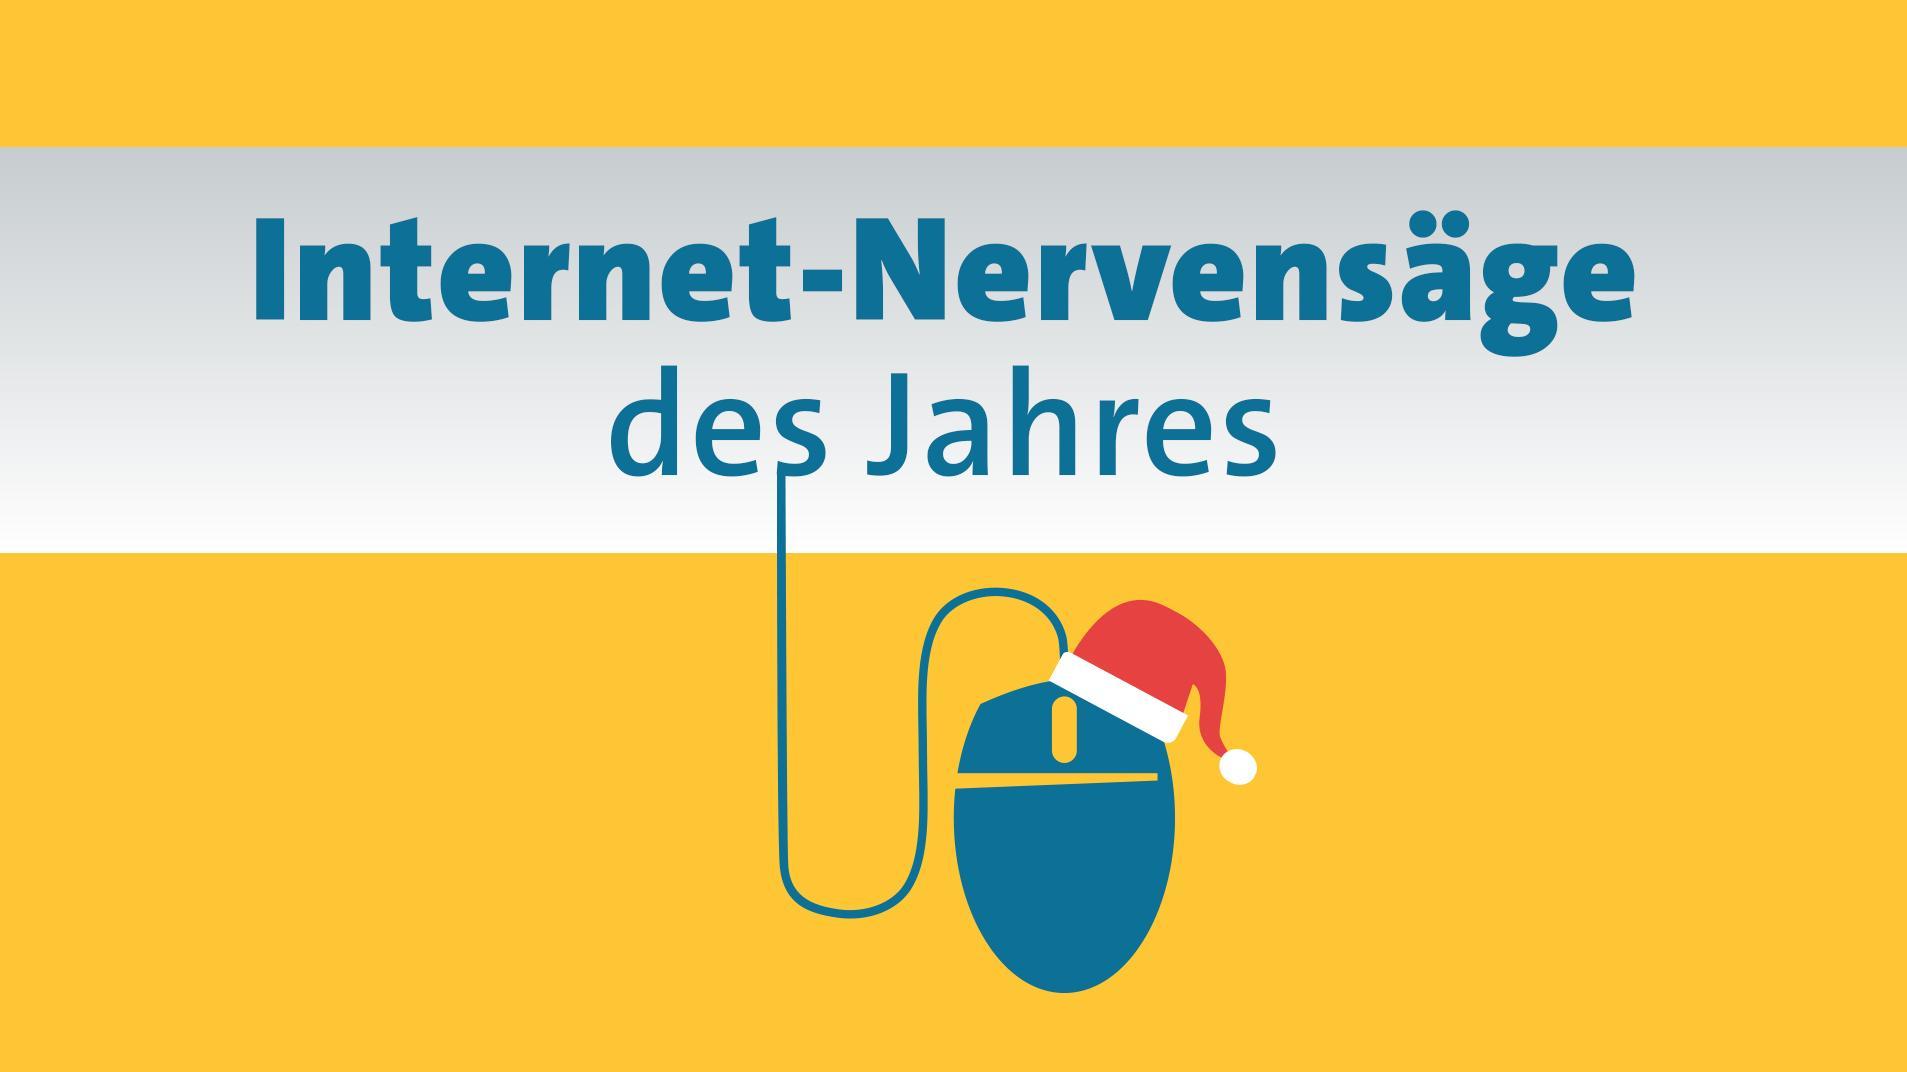 Kategorie: Internet-Nervensäge des Jahres